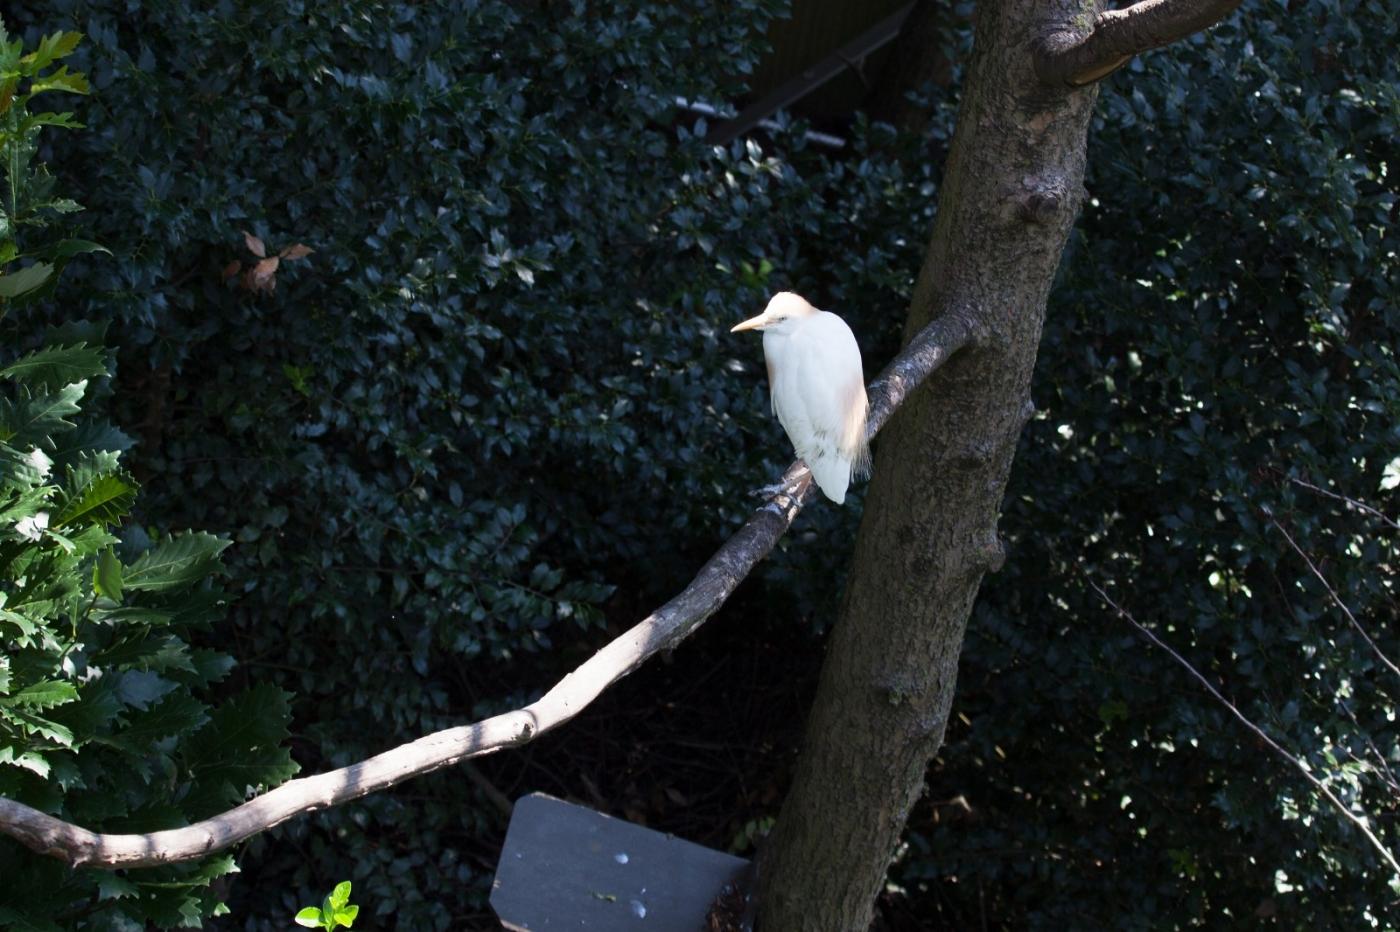 动物园花絮(摄于布朗士动物园,皇后区动物园)_图1-22